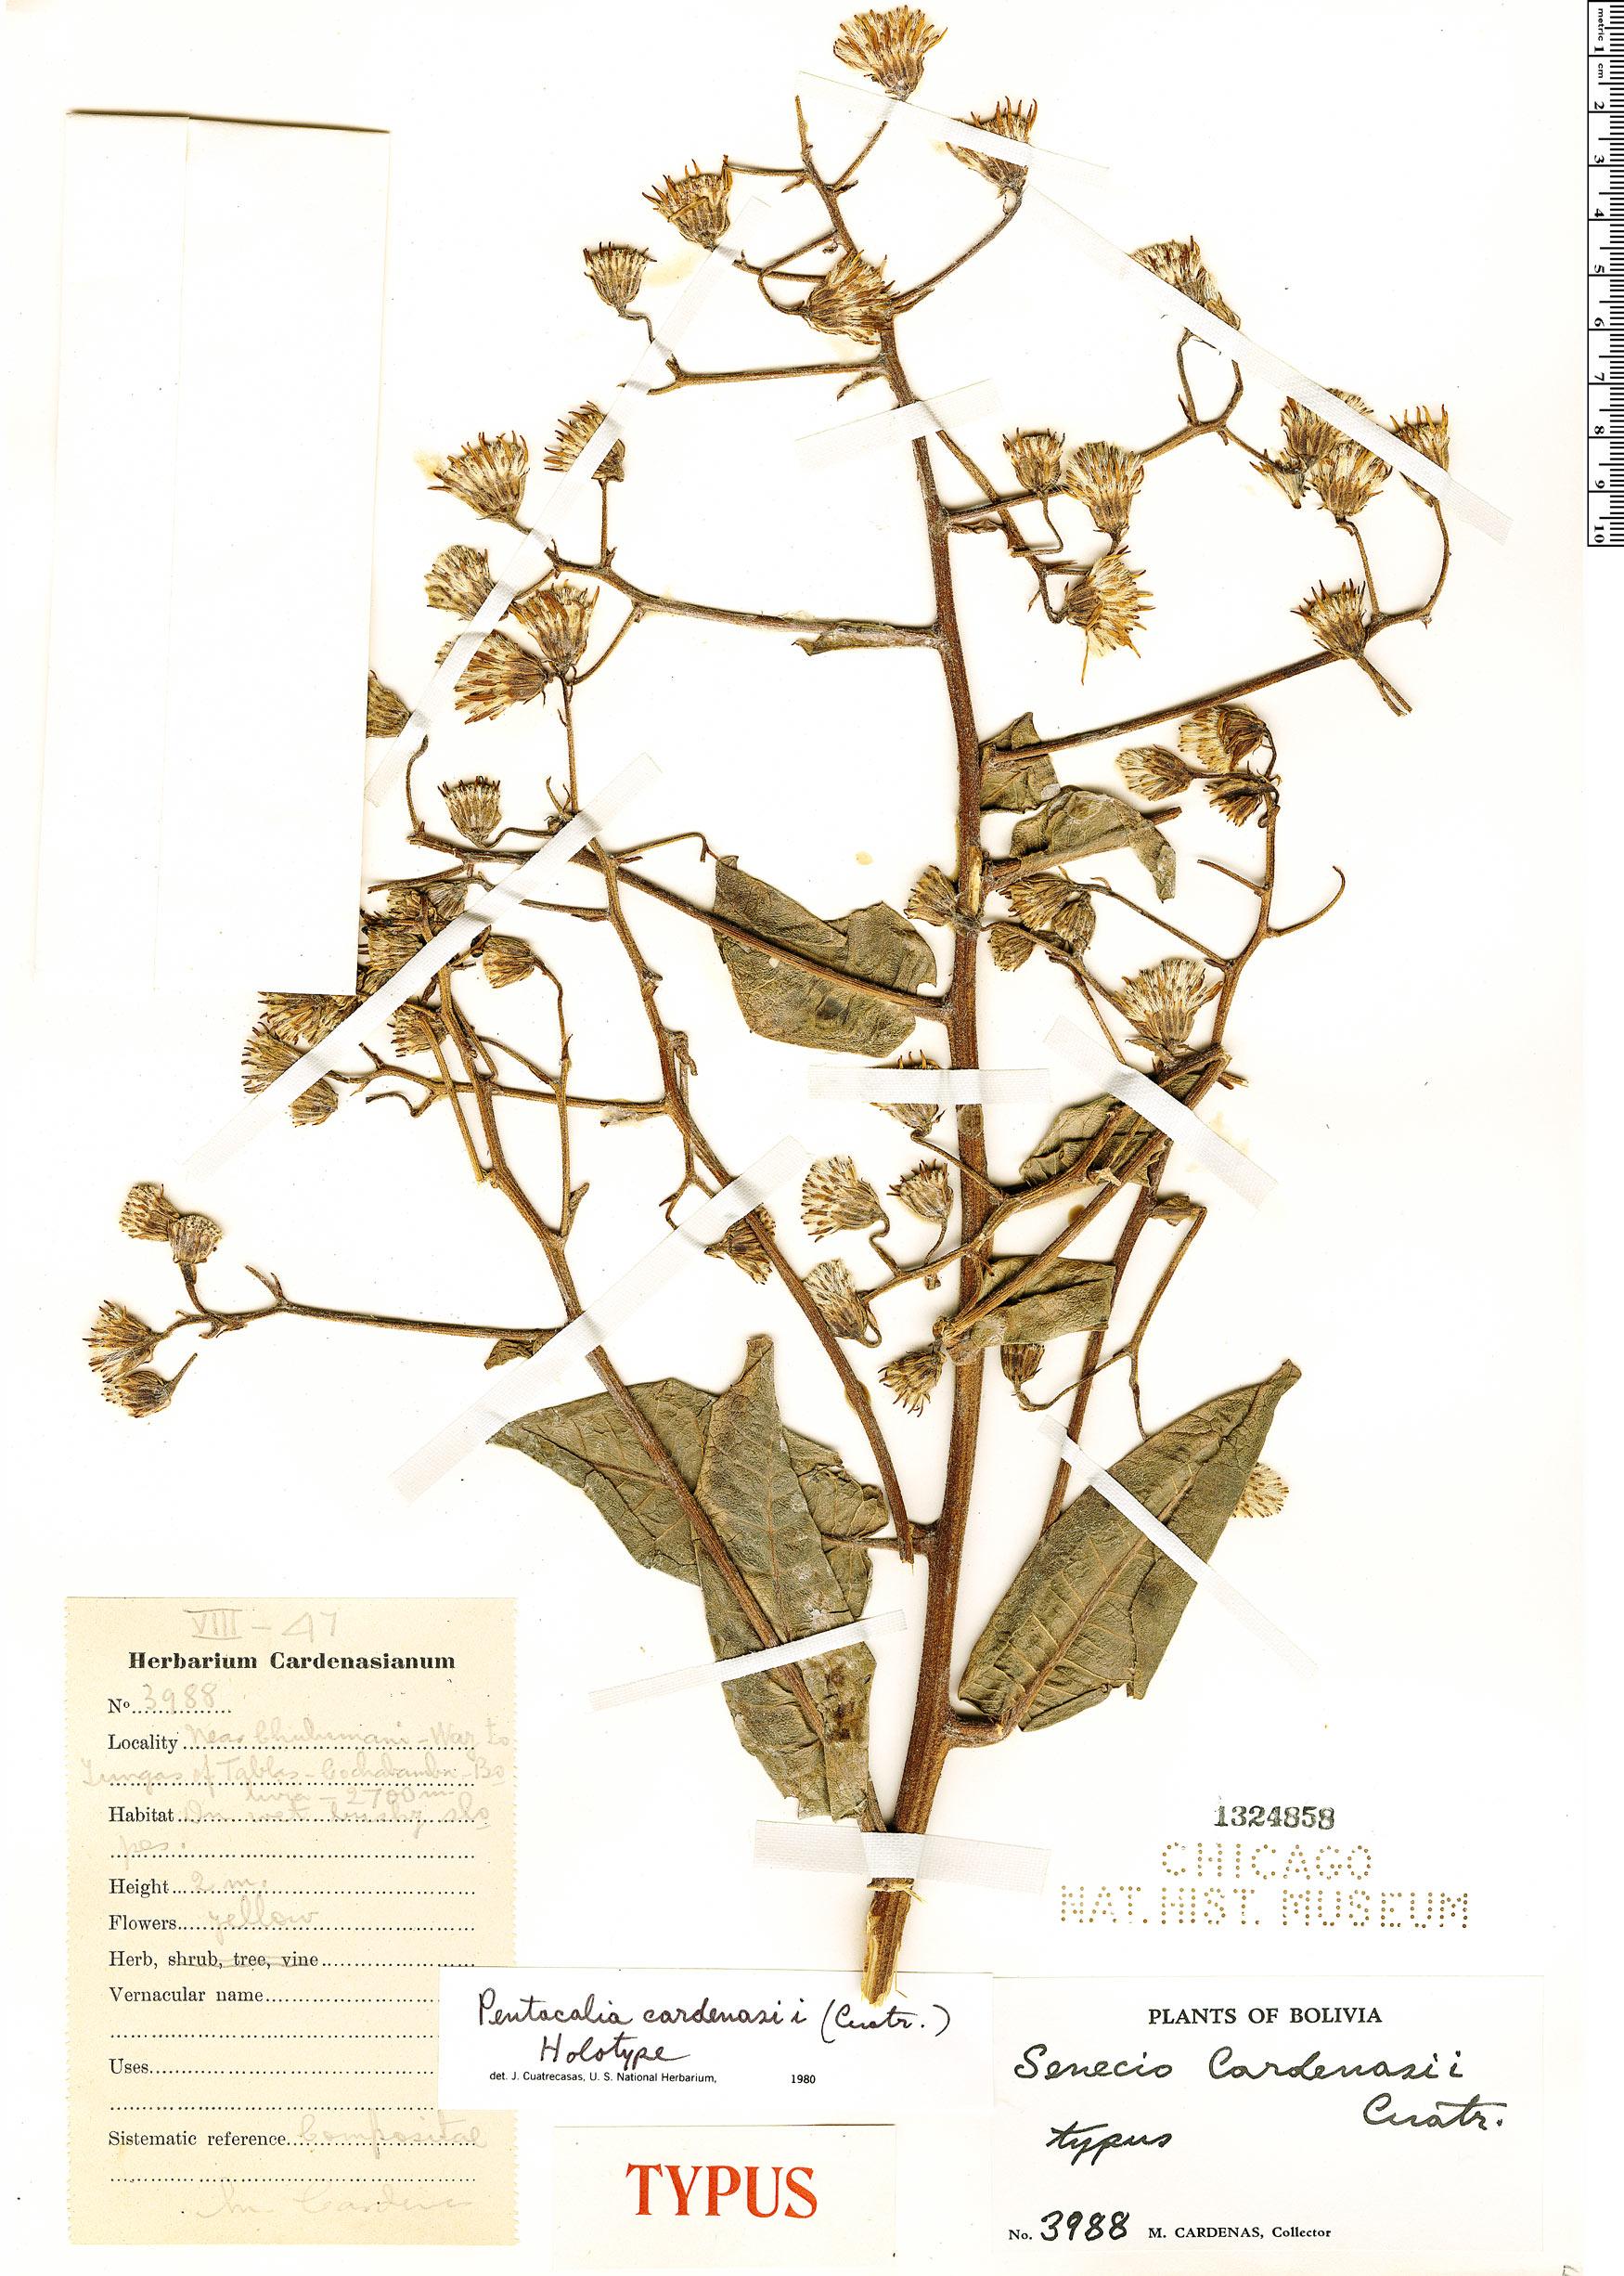 Specimen: Pentacalia cardenasii